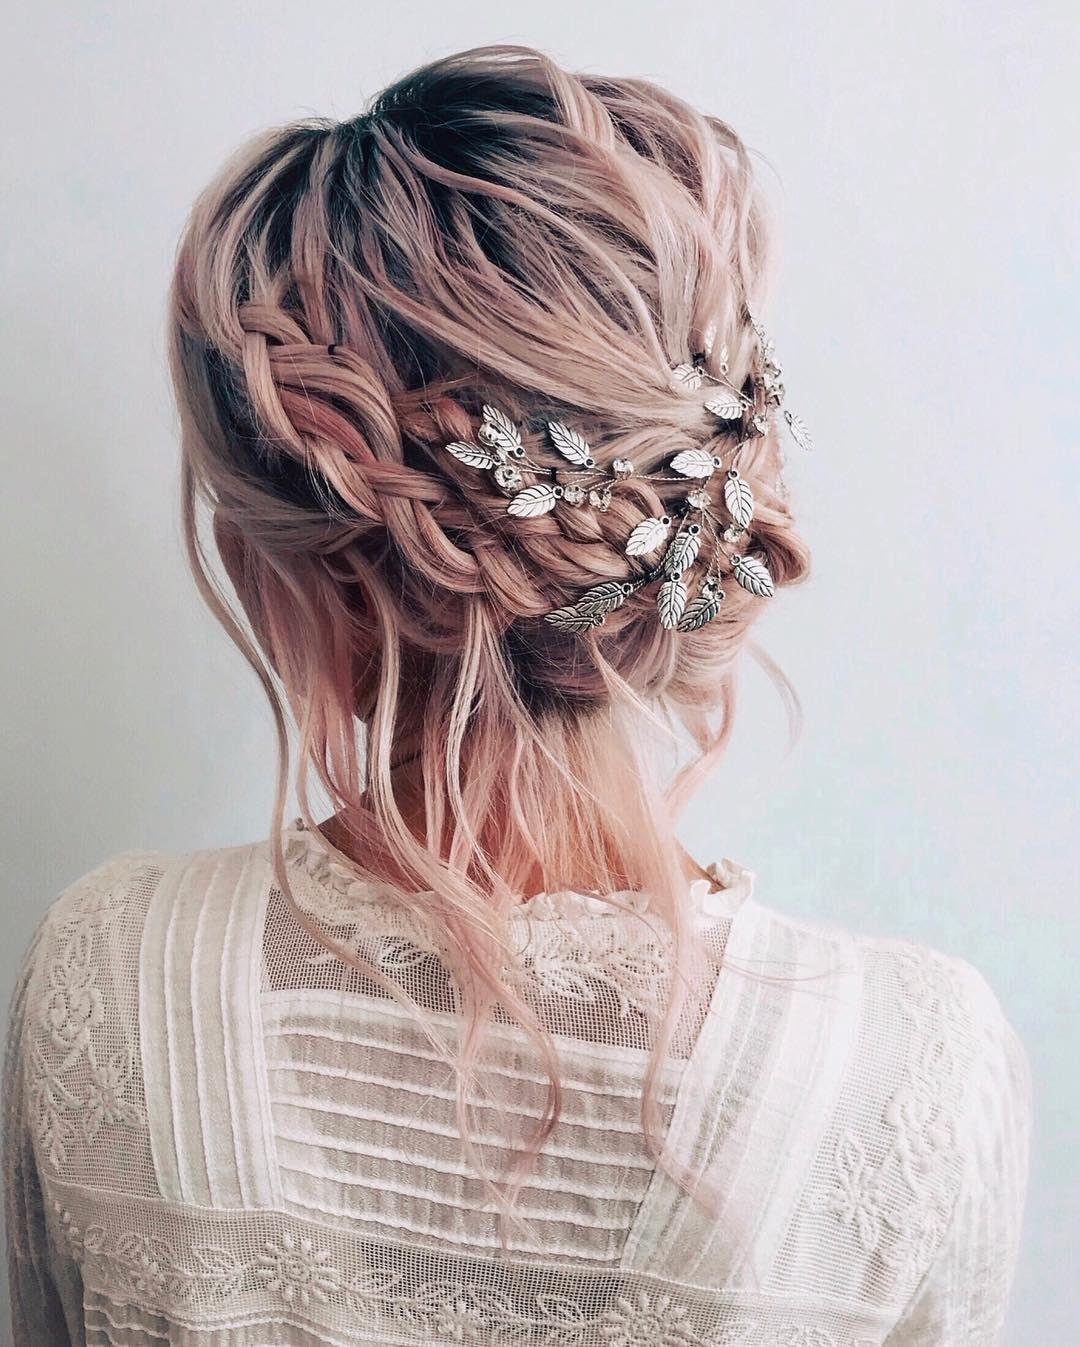 textured braided updo hairstyle   wedding ideas   wedding